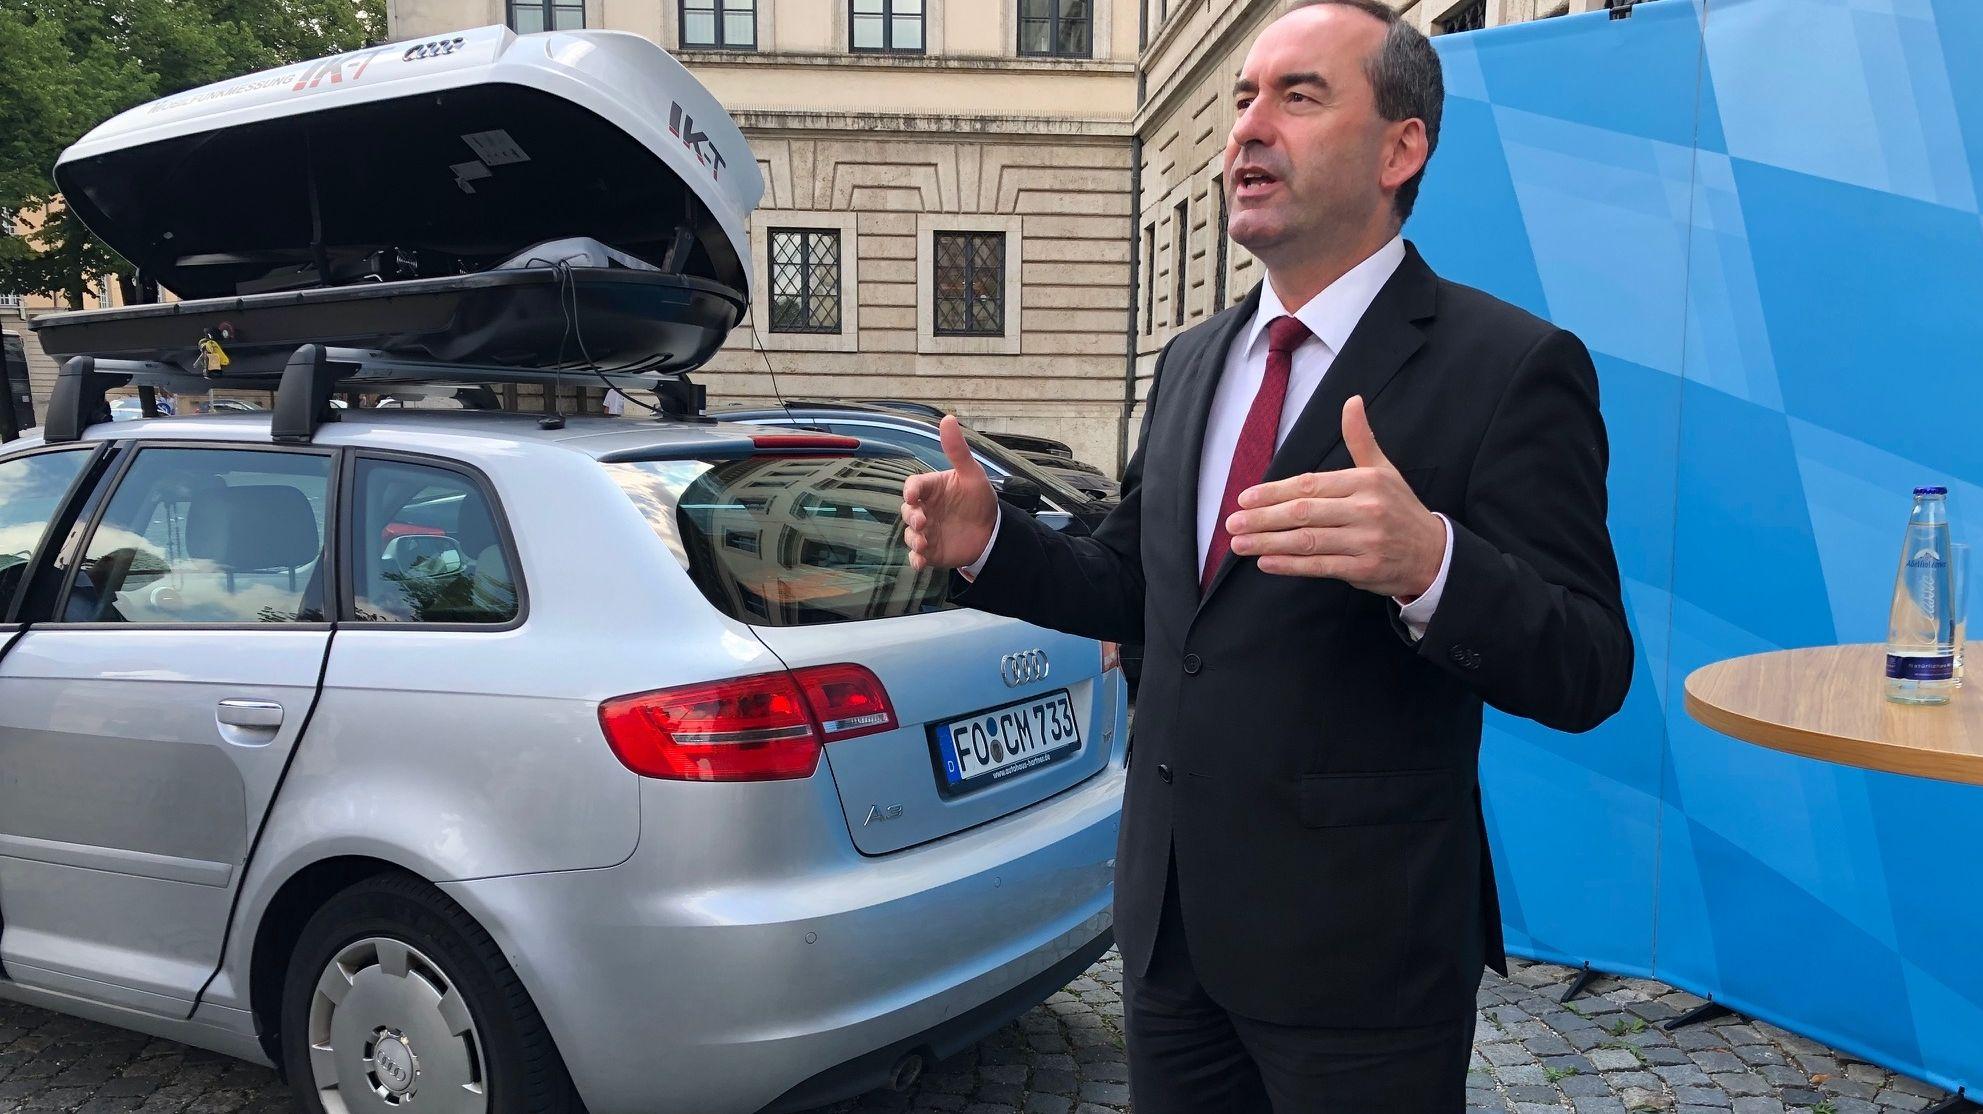 Der bayerische Wirtschaftsminister Aiwanger lässt die Mobilfunkabdeckung an den bayerischen Autobahnen überprüfen